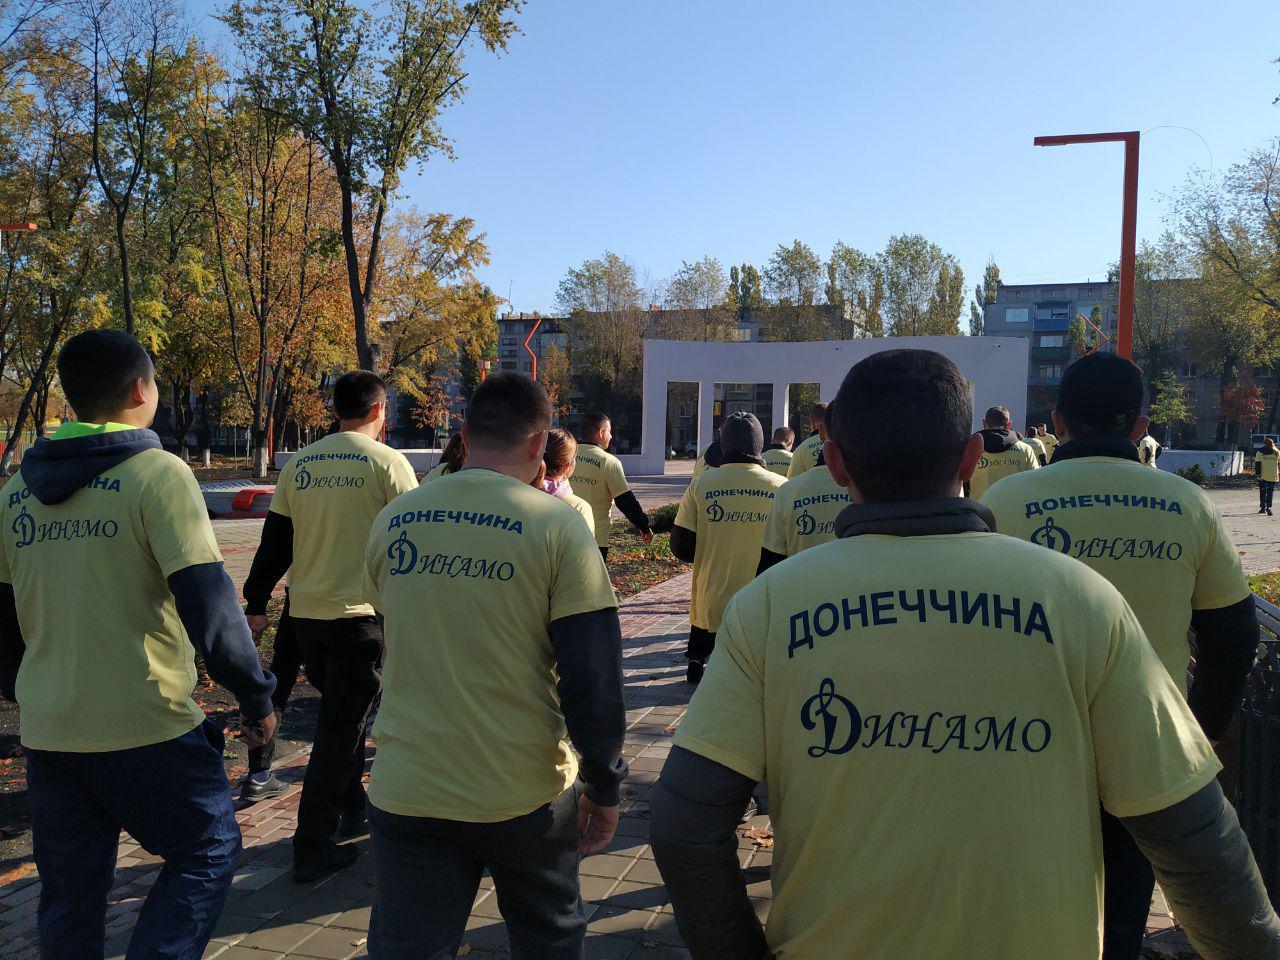 Правоохоронці Покровської оперативної зони взяли участь у марафоні до Дня захисника України, фото-5